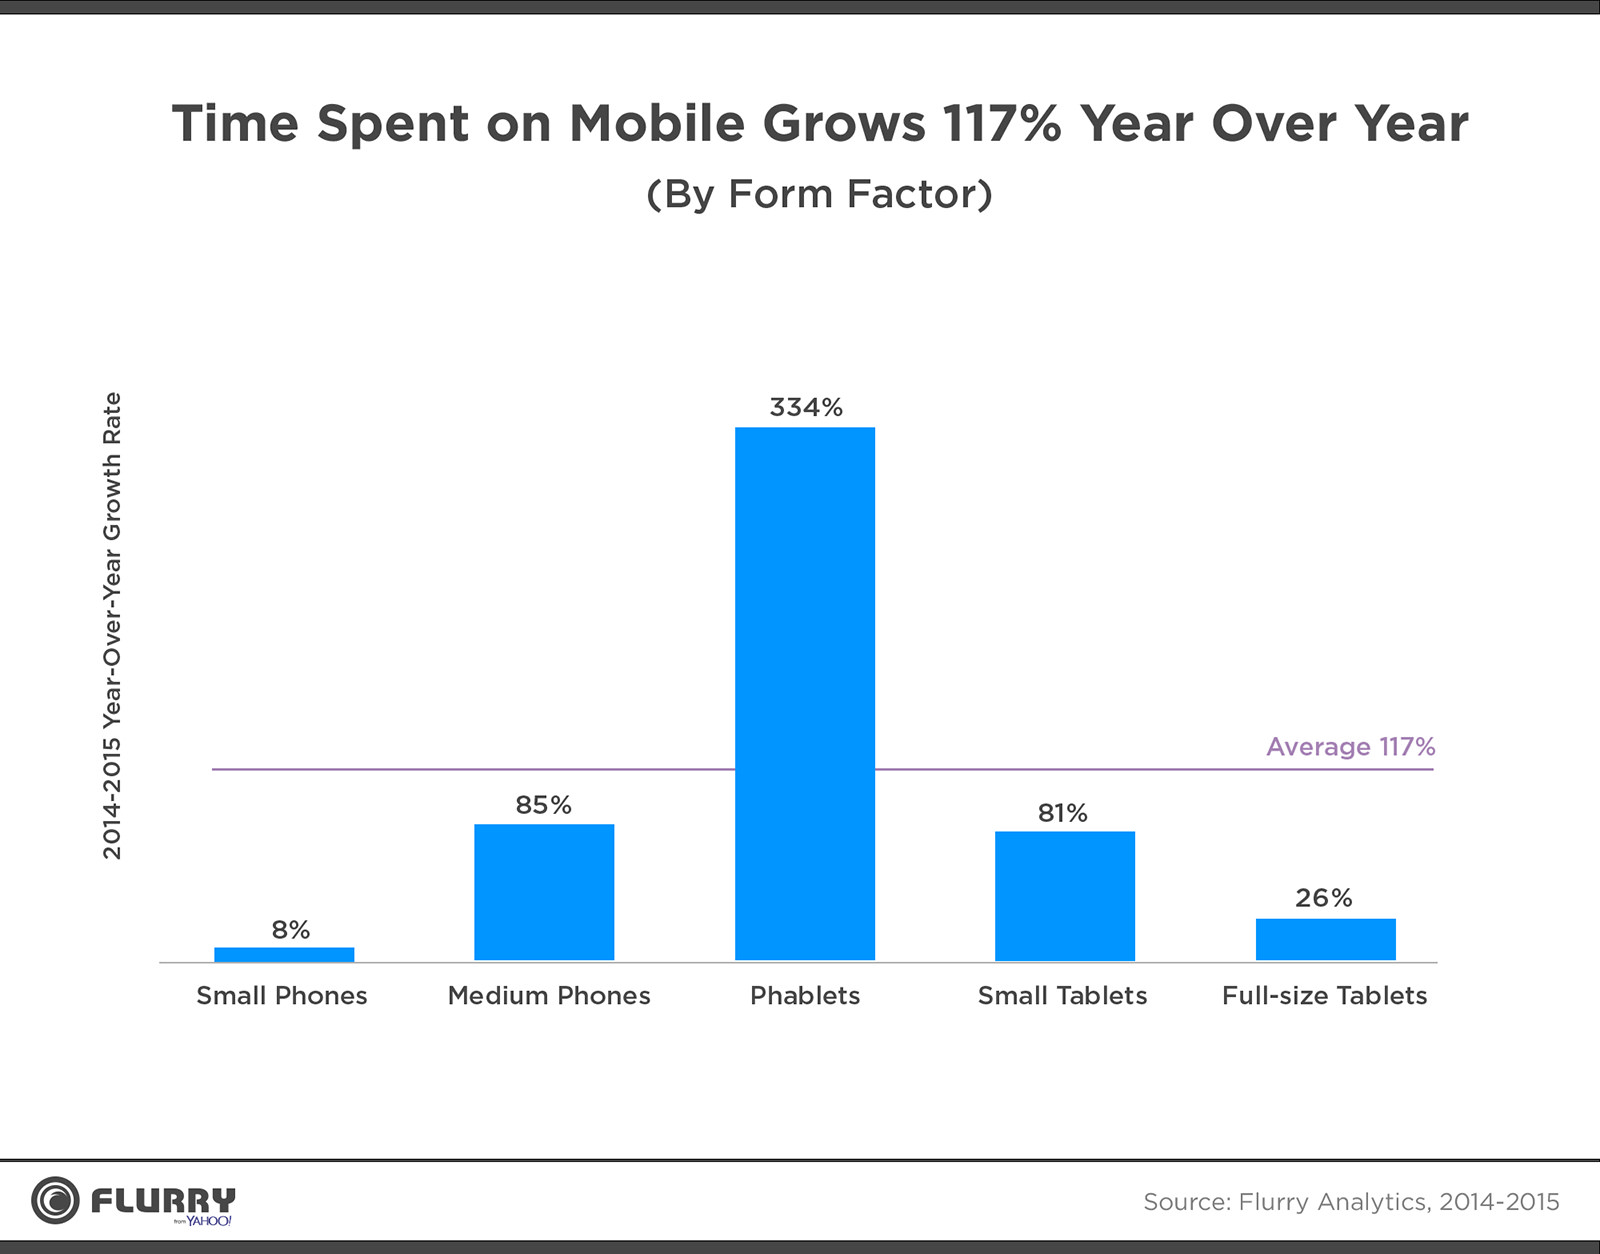 آمارهای جالب و باور نکردنی از دنیای موبایل در سال 2015